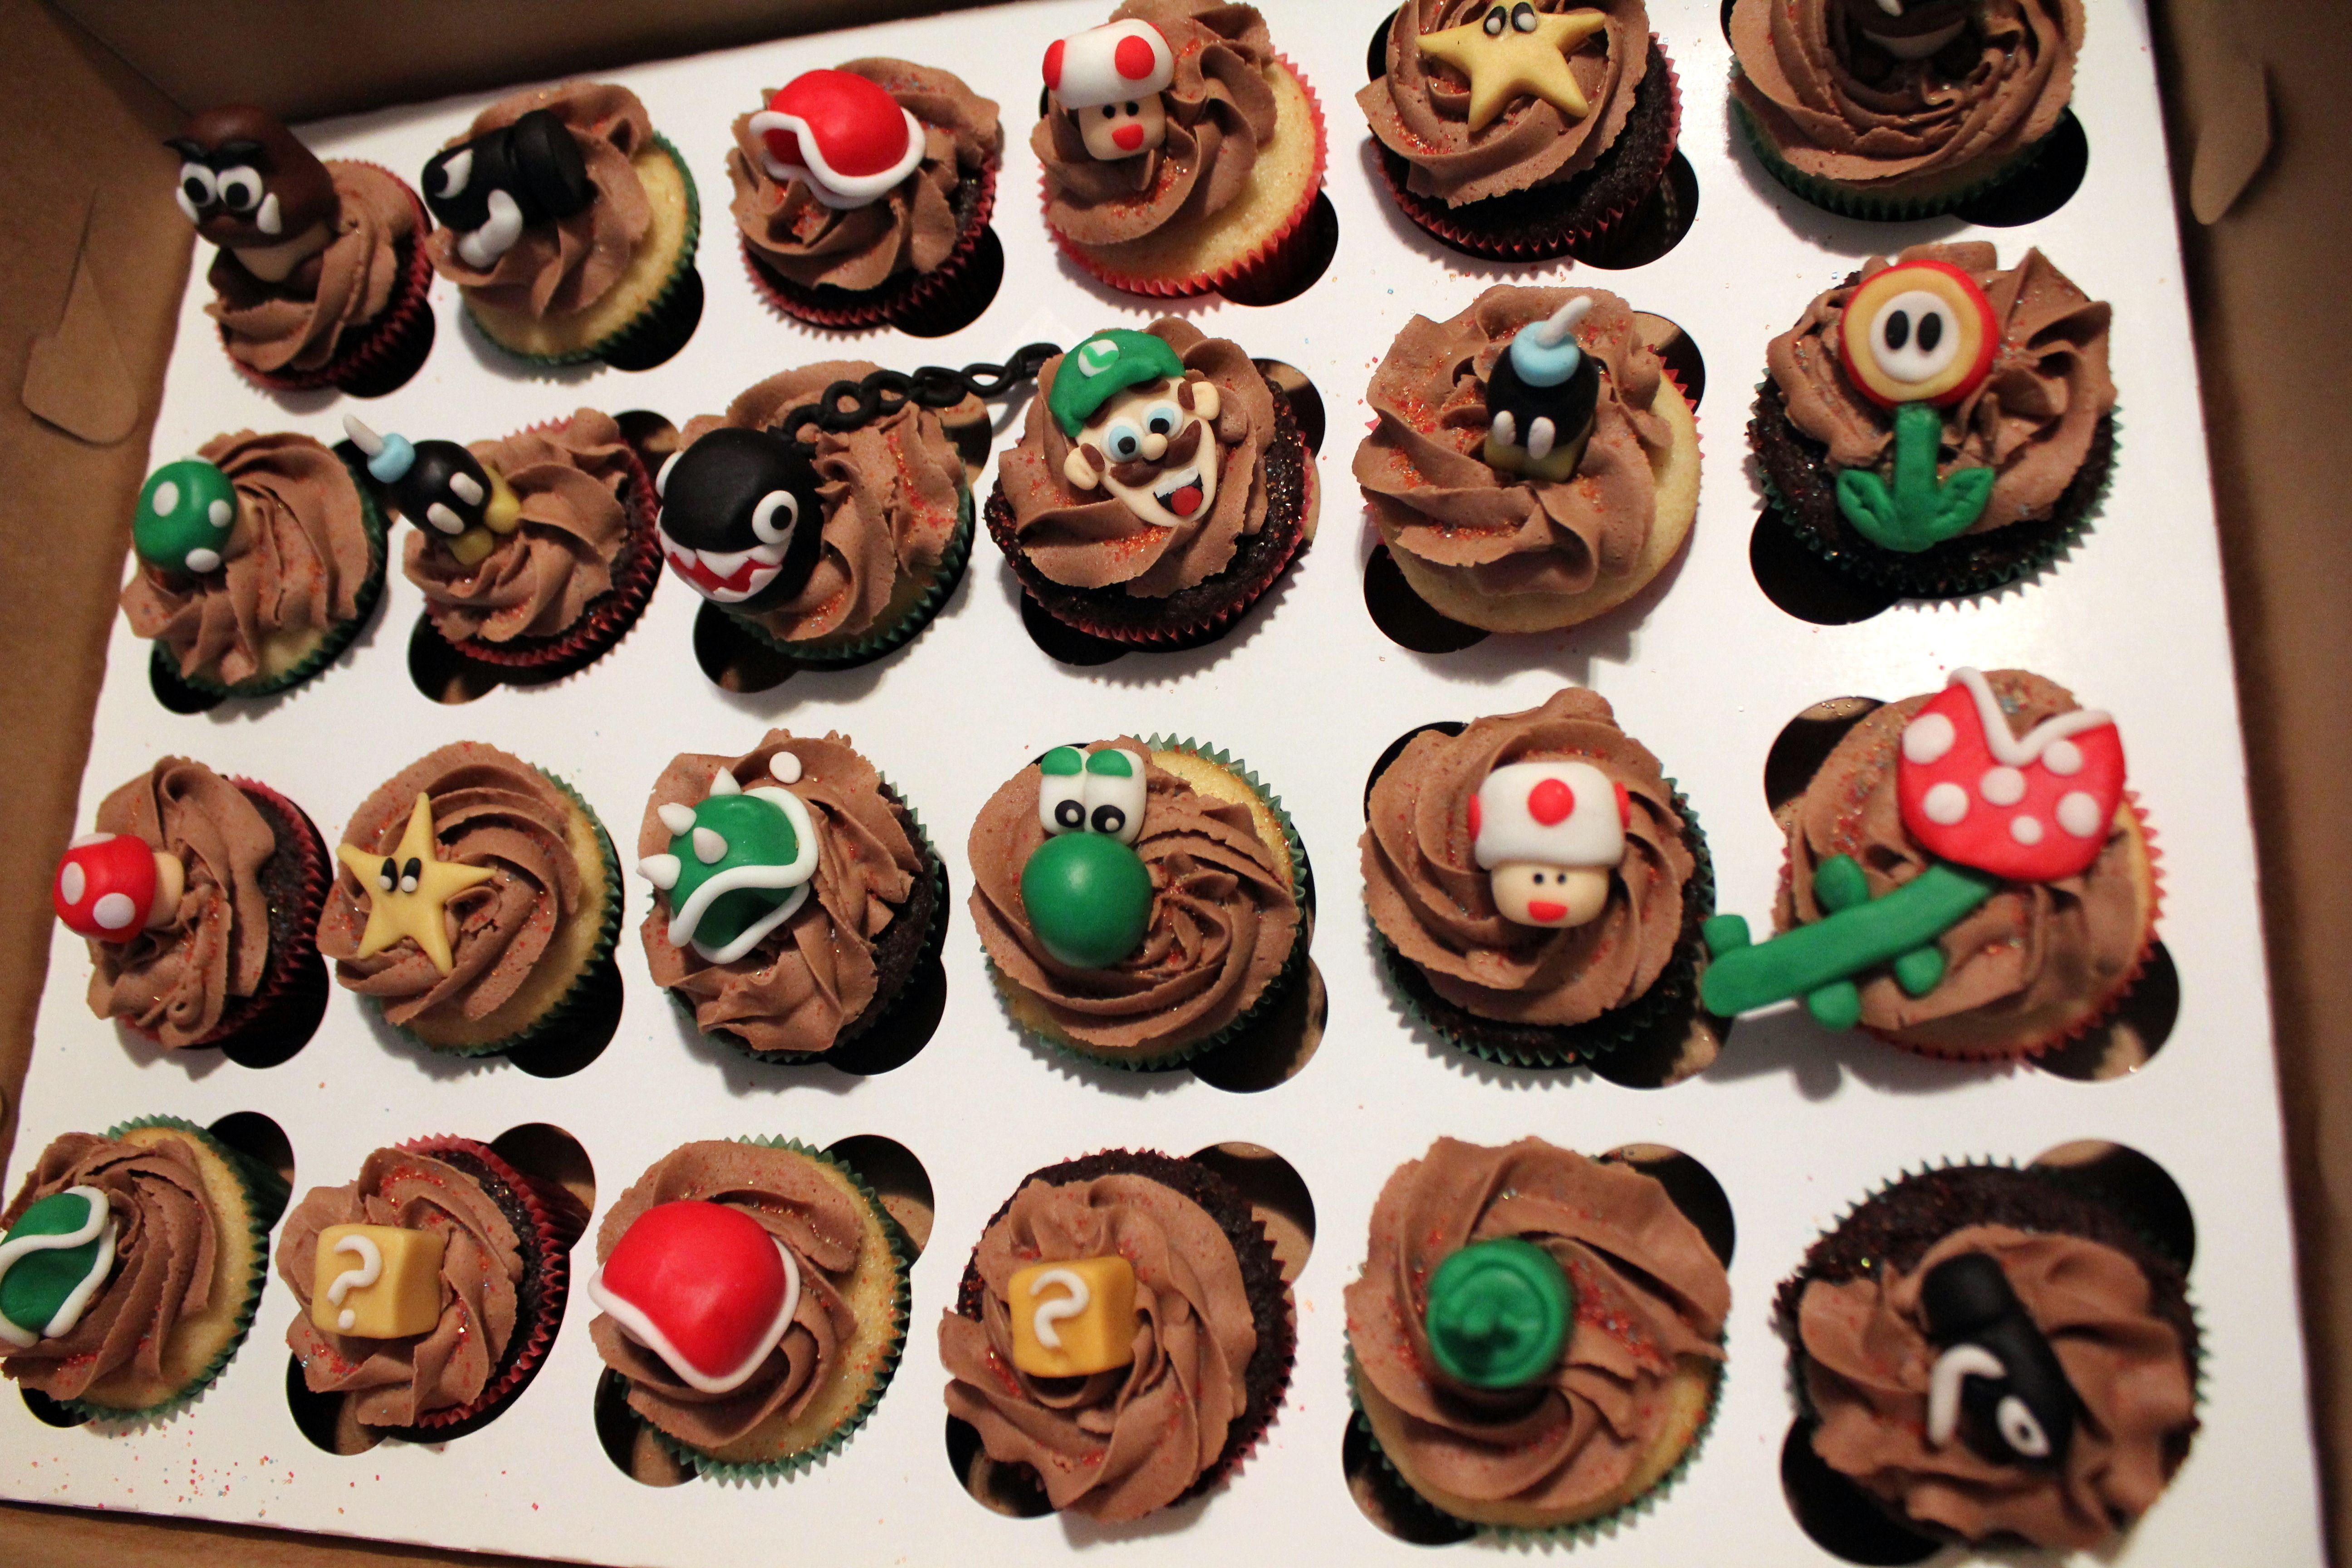 Mario Cupcakes!!! Let's GO!